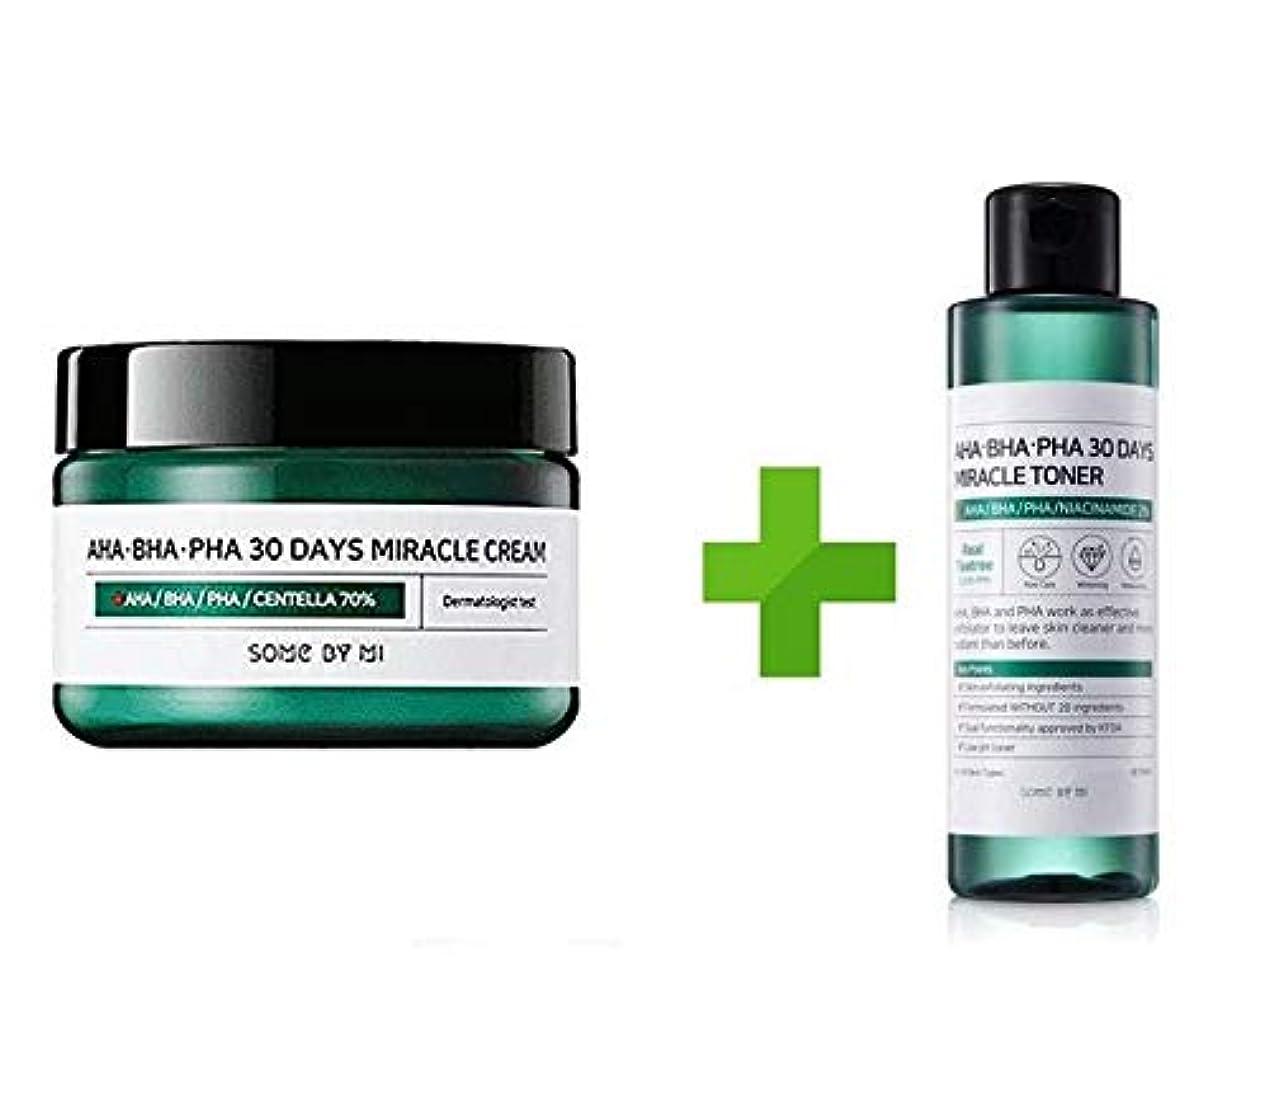 分解するグリルいくつかのSomebymi AHA BHA PHA Miracle Cream (50ml + Toner 150ml)Skin Barrier & Recovery, Soothing with Tea Tree 10,000ppm...